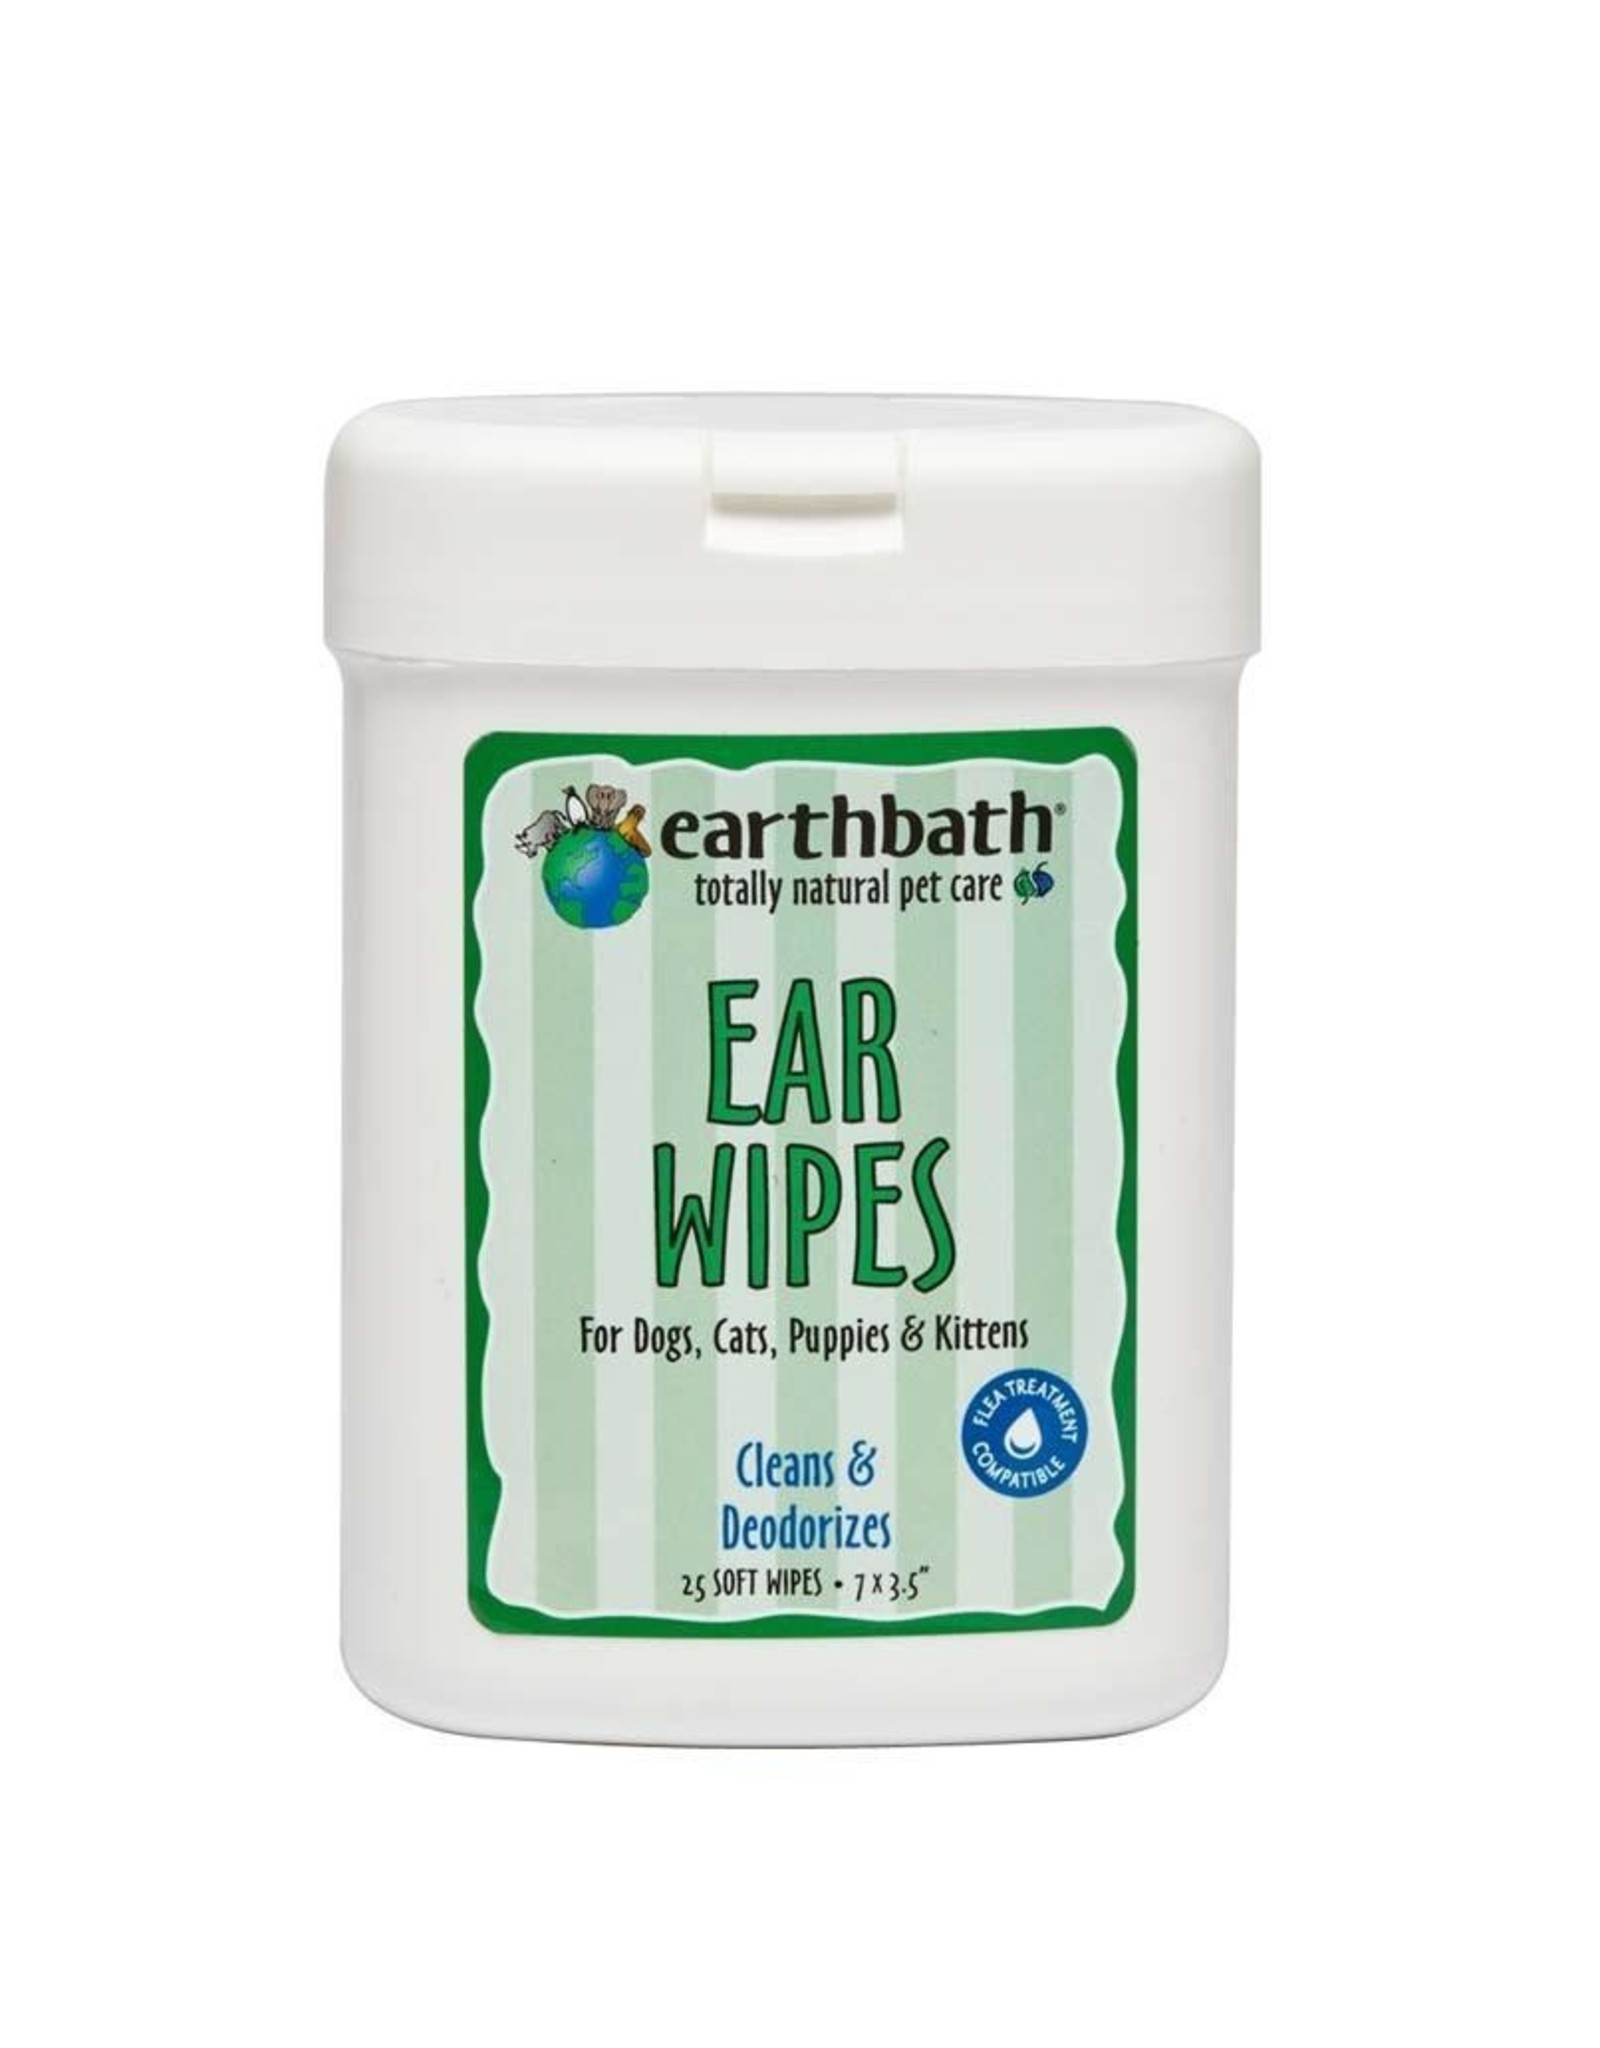 Earthbath Earthbath Ear Wipes 25ct